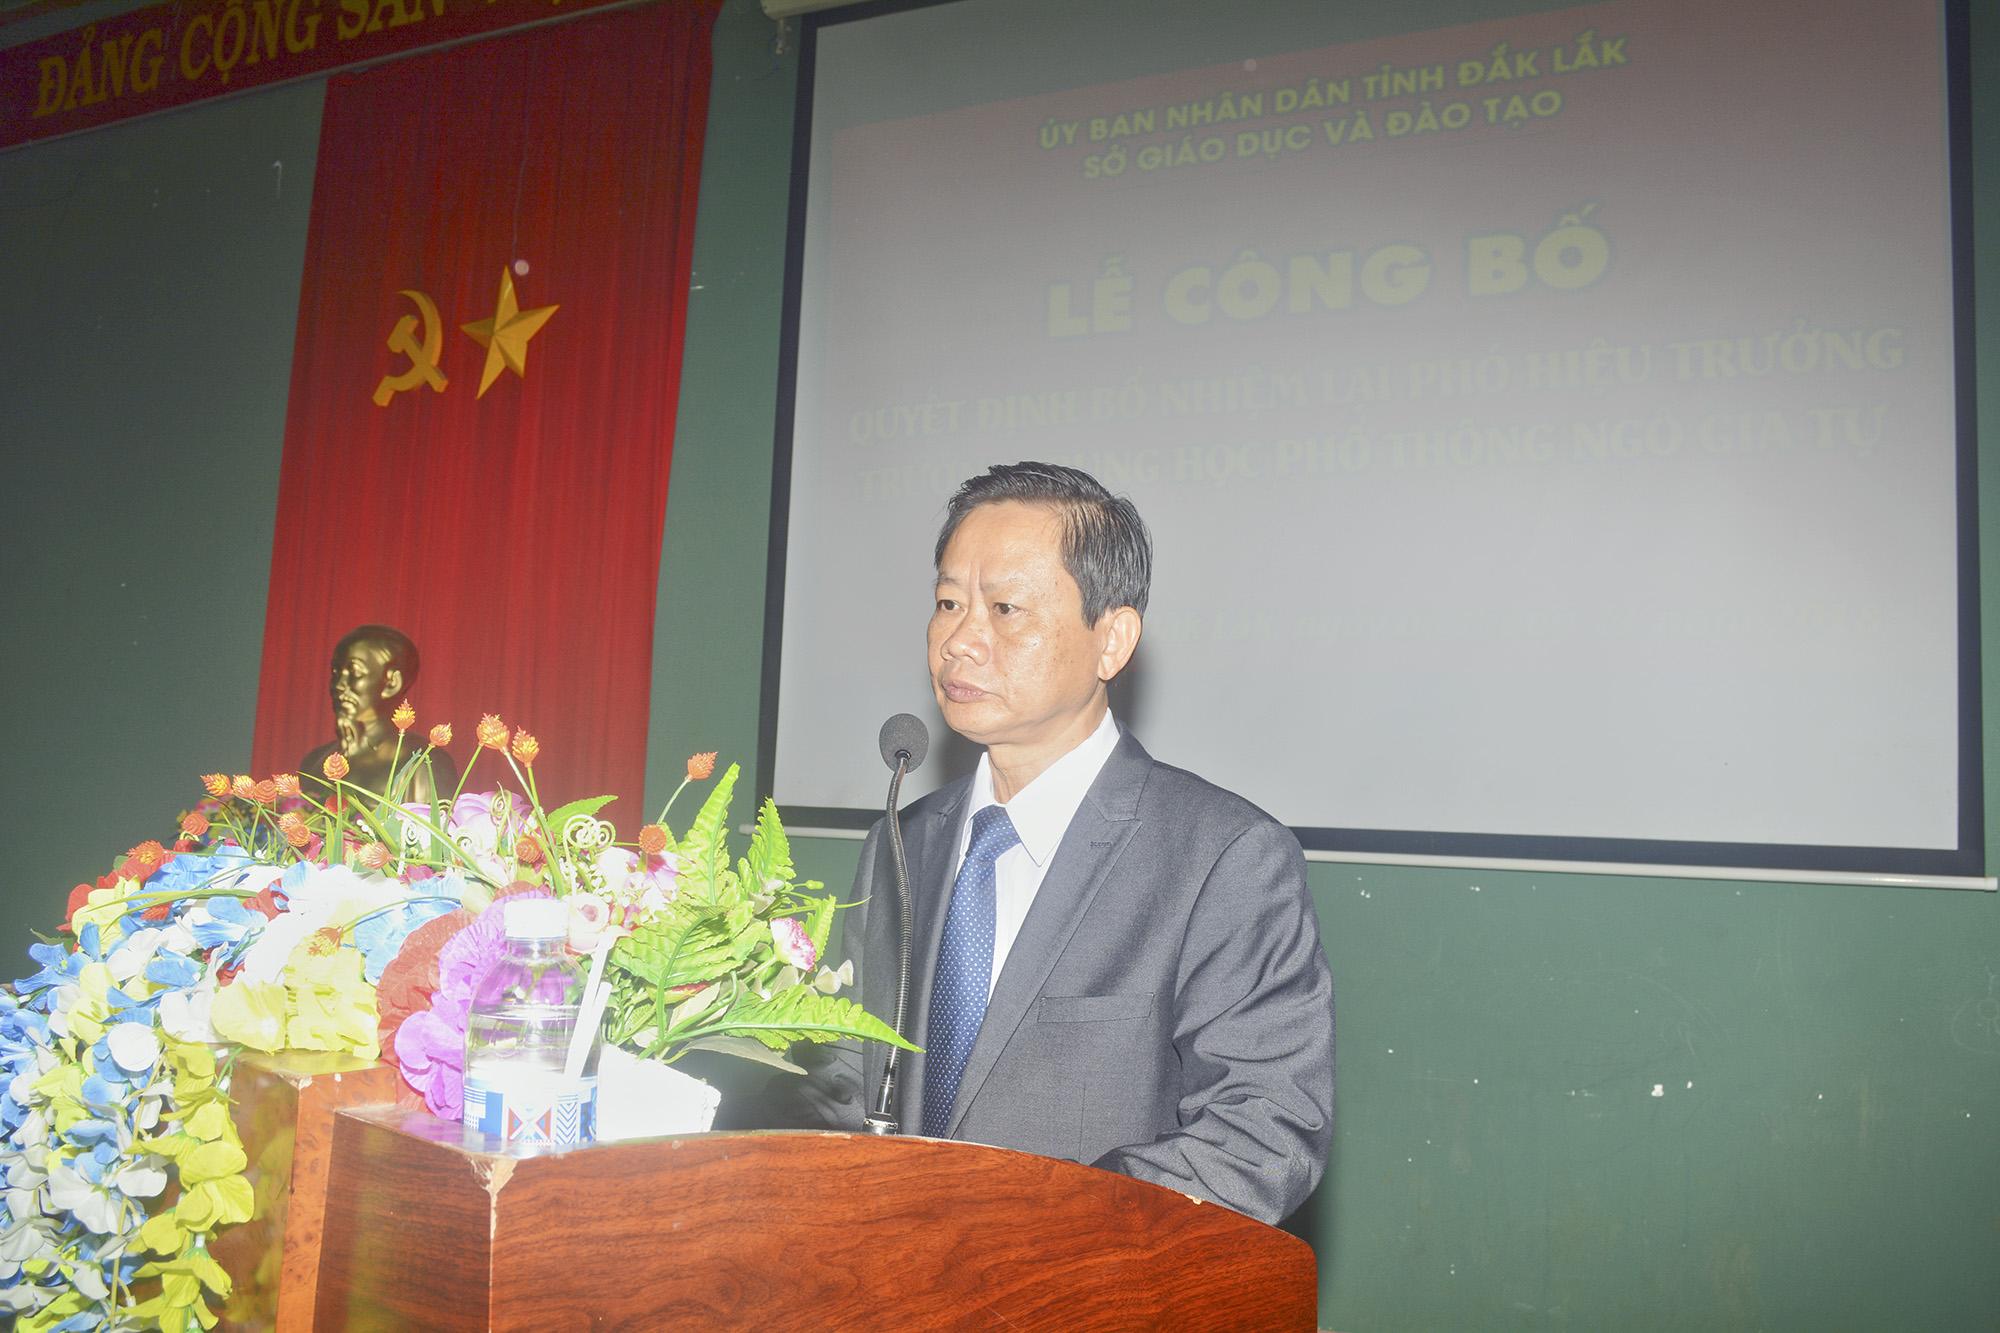 Thầy Bùi Hữu Thành Cát phát biểu chỉ đạo, chúc mừng